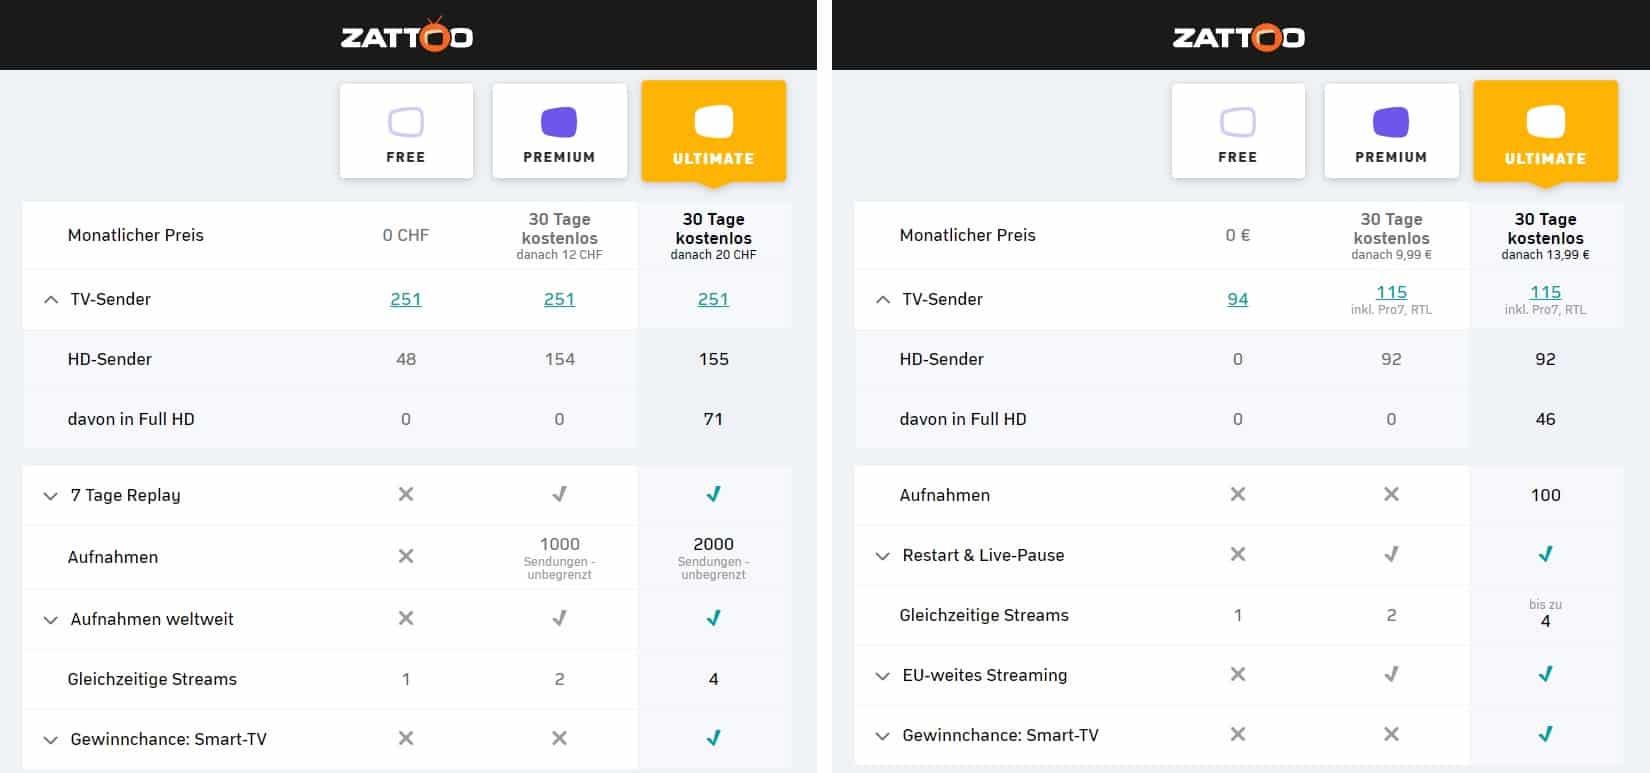 Zattoo Schweiz vs Zattoo Deutchsland